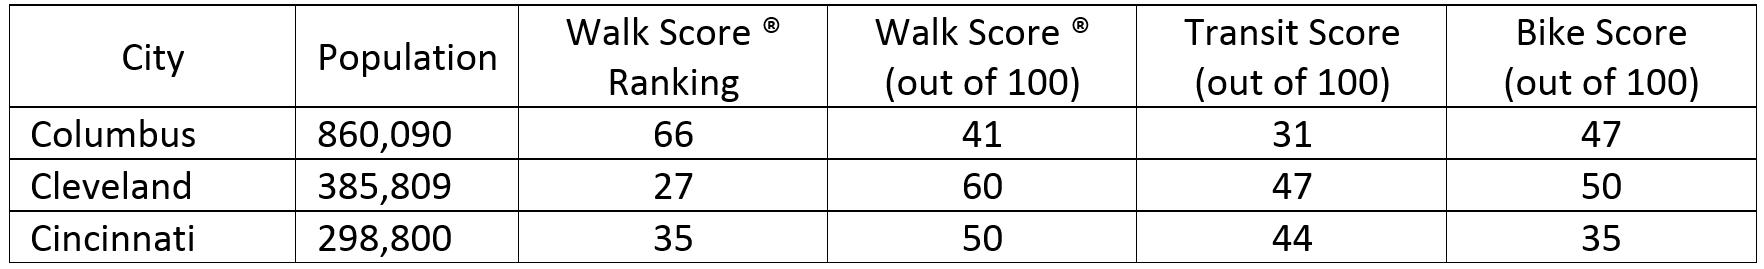 walkscore chart.PNG